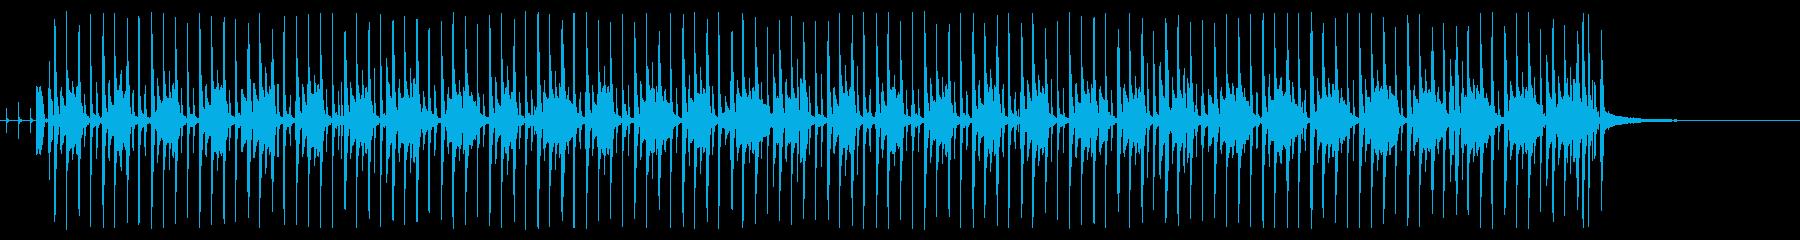 使いやすいファンク ベース無し版の再生済みの波形